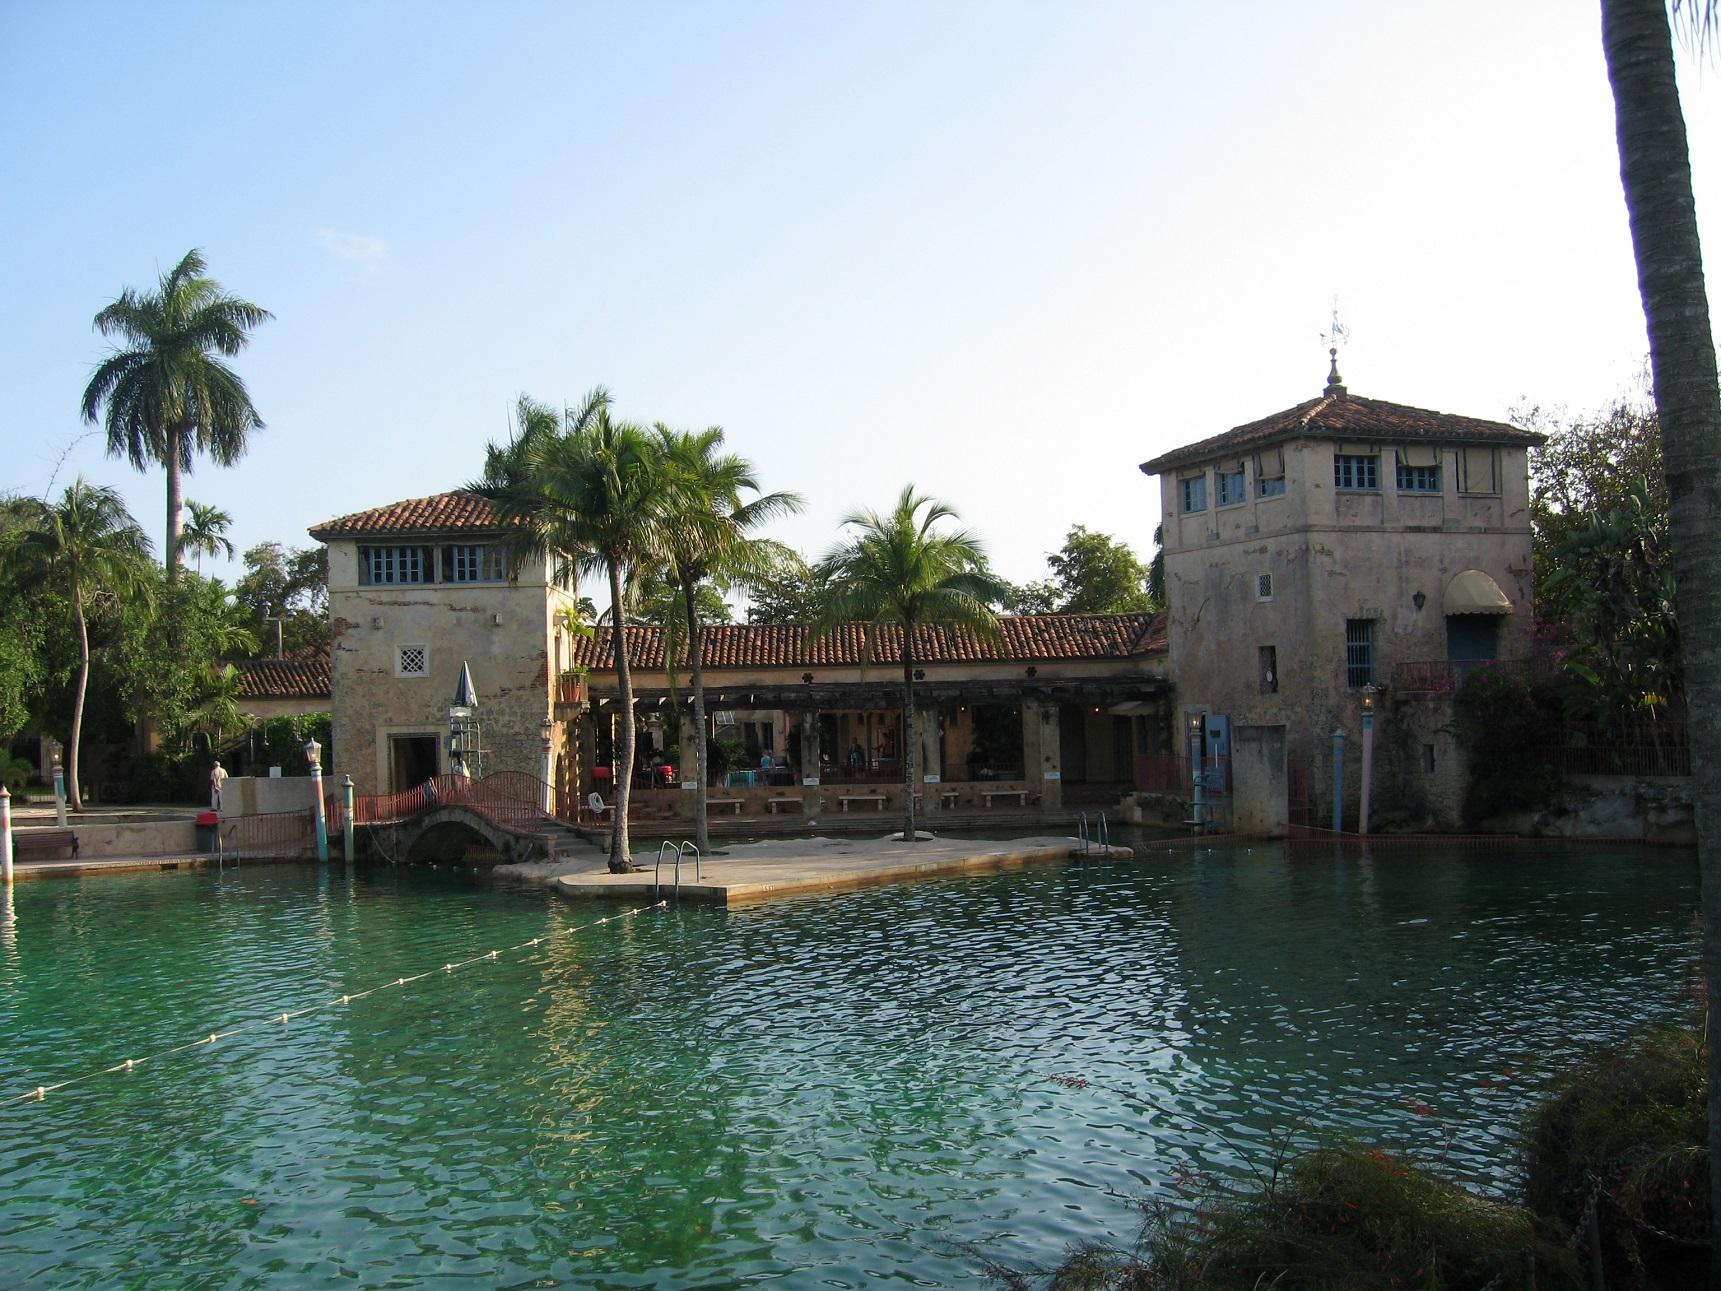 Coral Gables Real Estate: Miami Suburb Guide